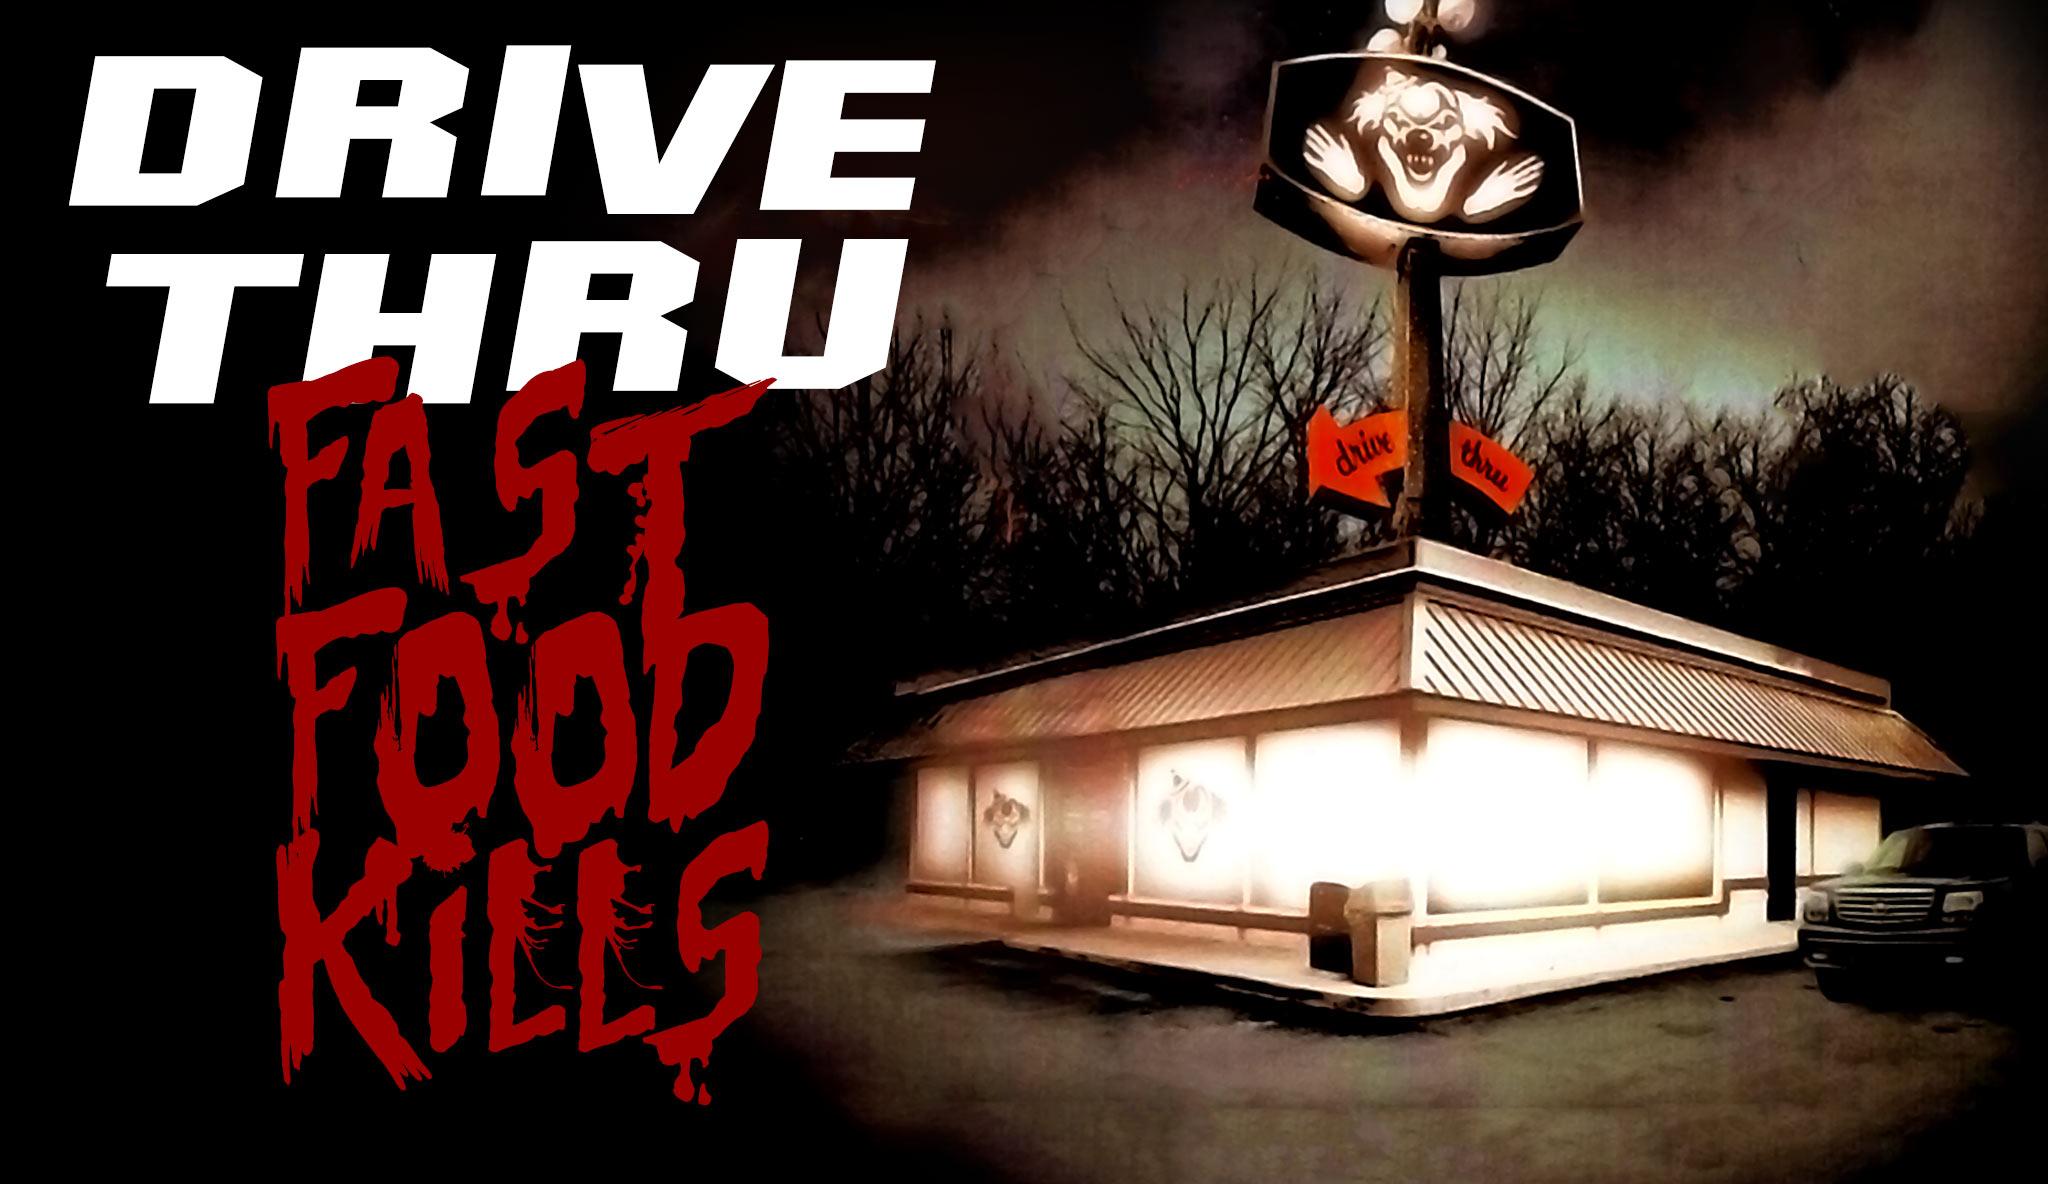 drive-thru-fast-food-kills-uncut\header.jpg